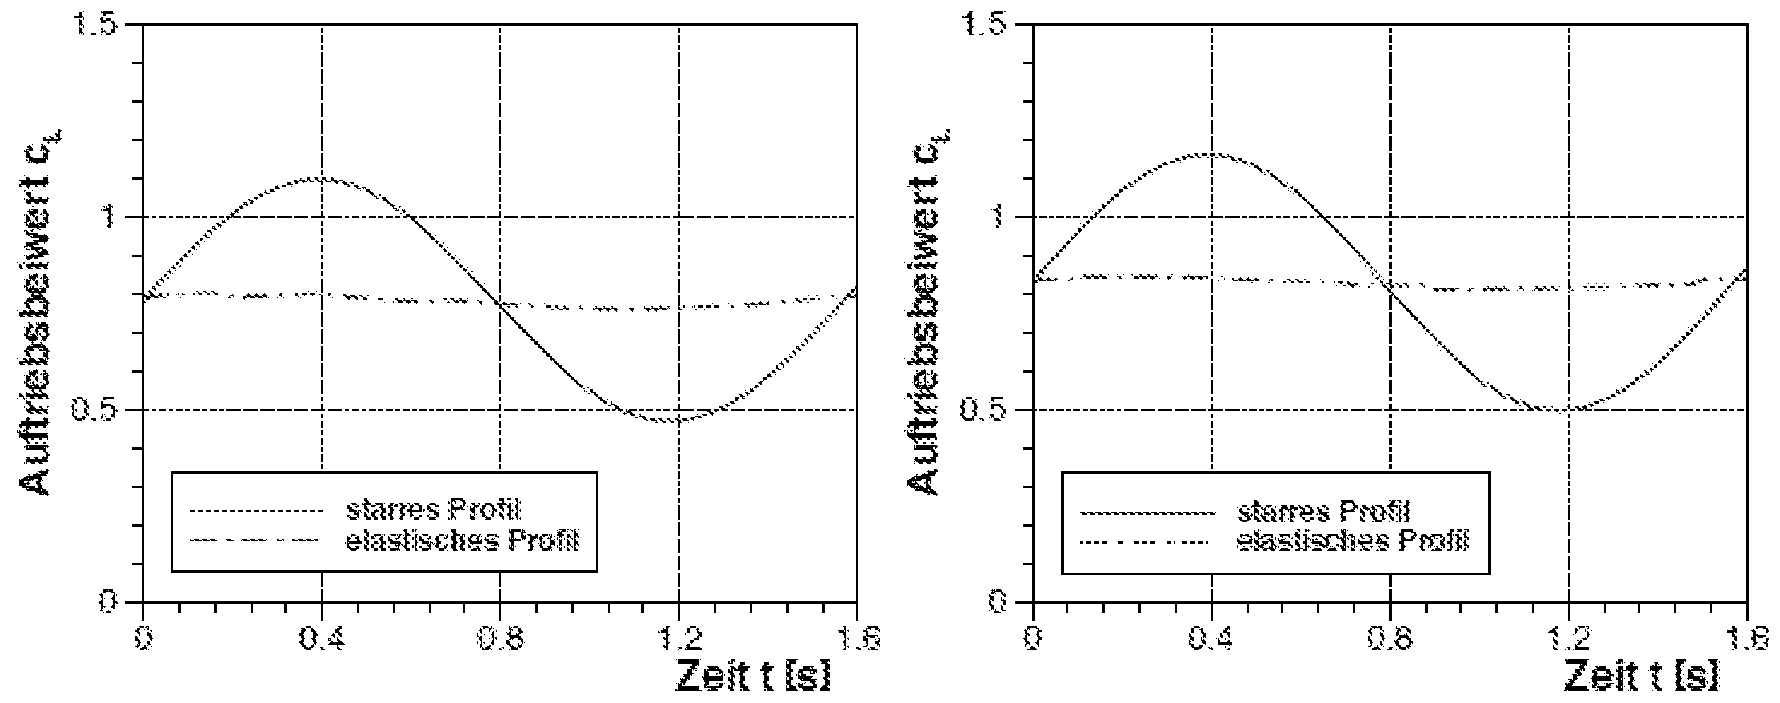 Tolle Wie Man Ein Schematisches Diagramm Macht Ideen - Elektrische ...